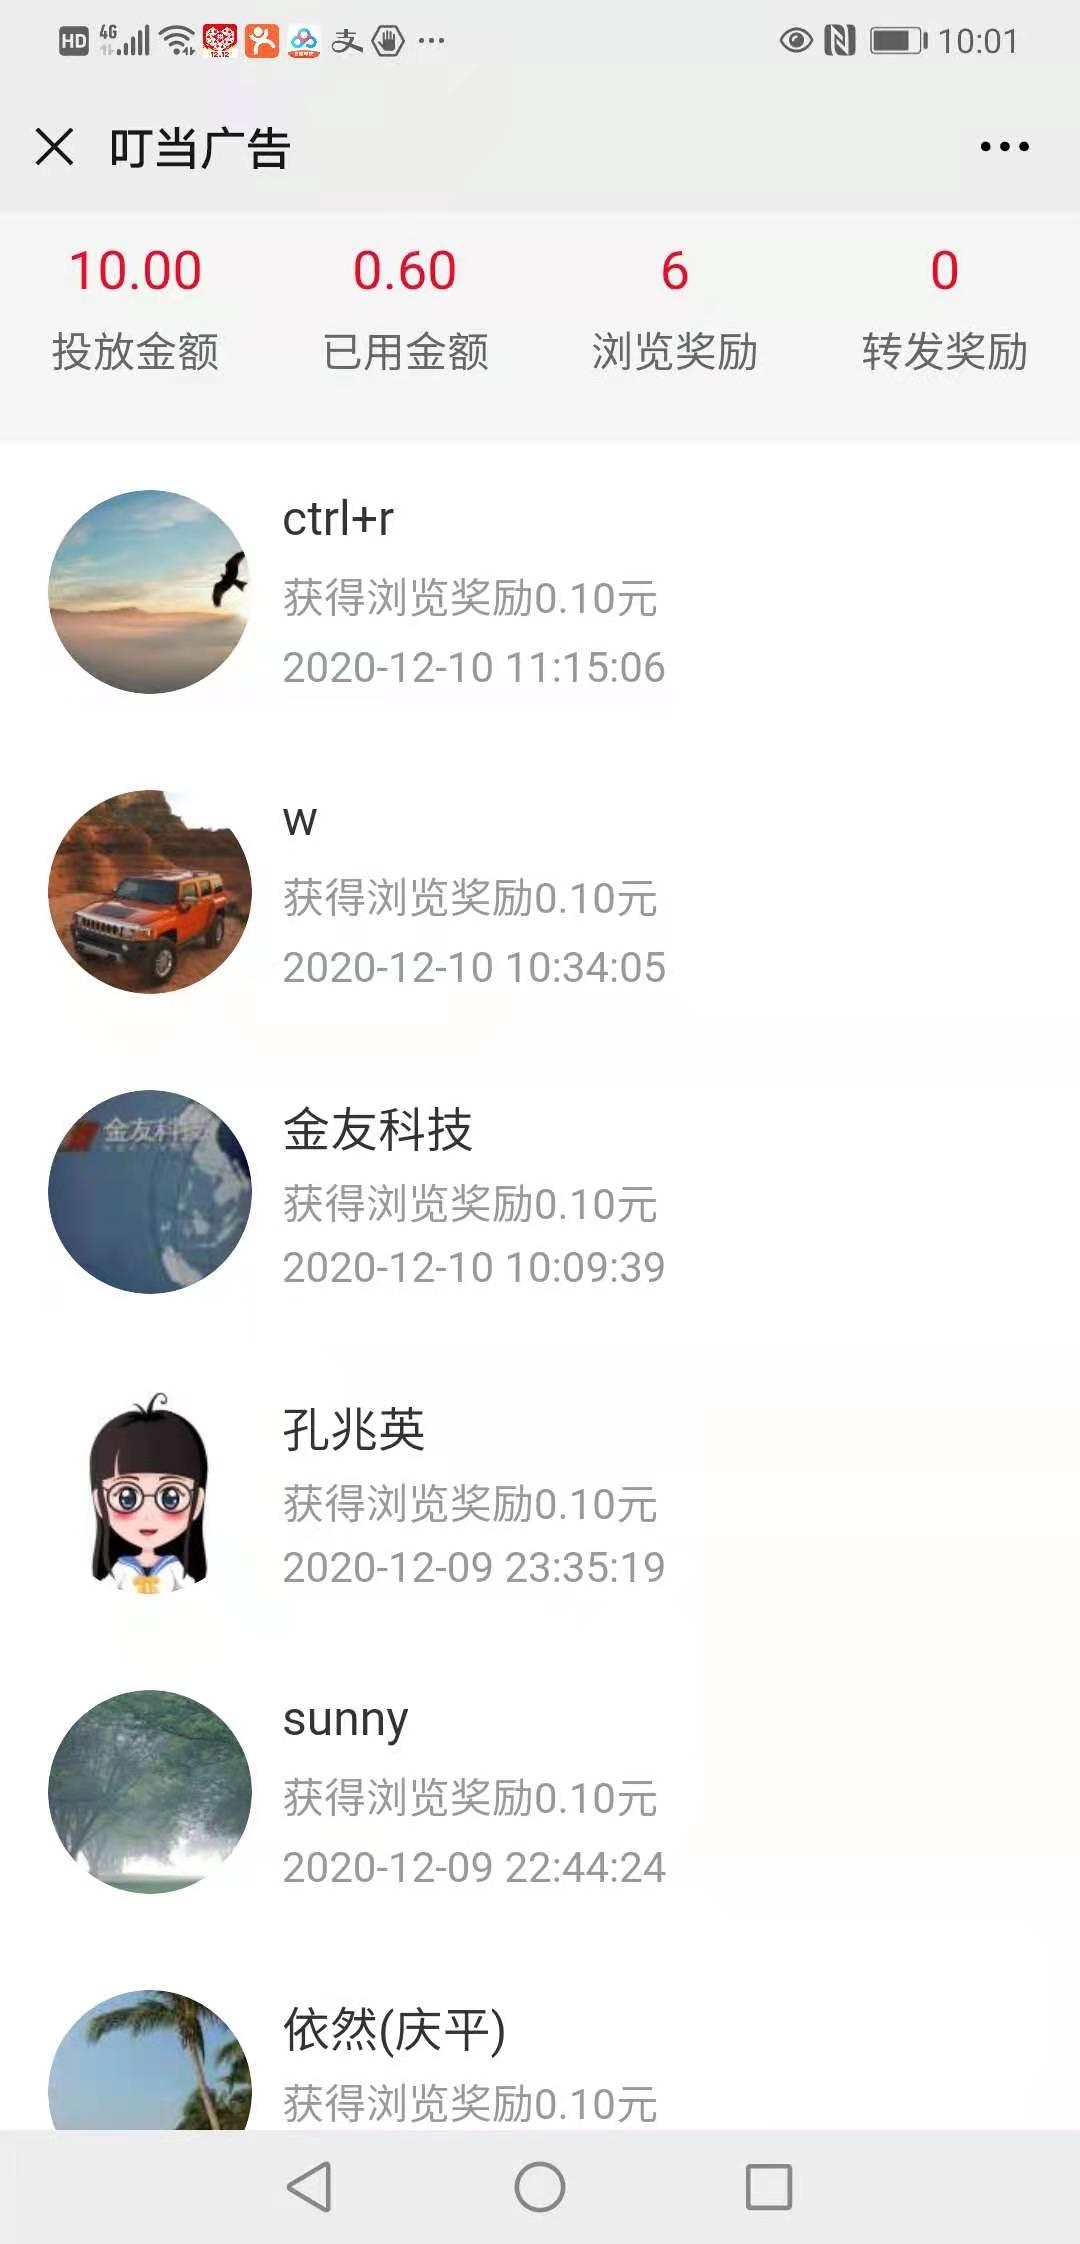 微信图片_20201210220108.jpg